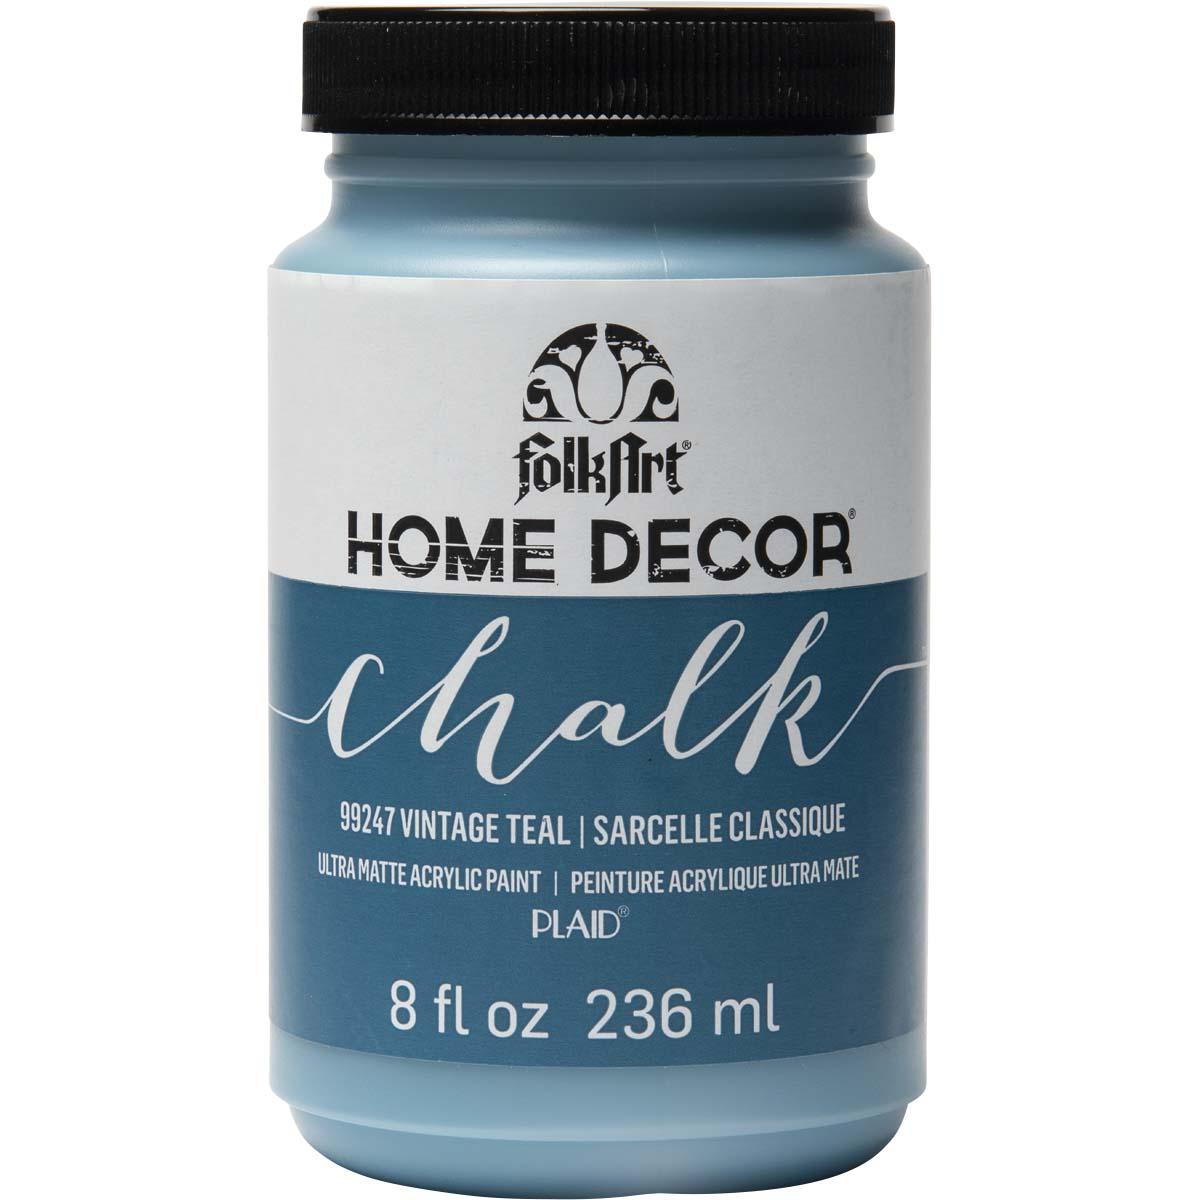 Folk Art Home Decor Chalk Paint Review from plaidonline.com